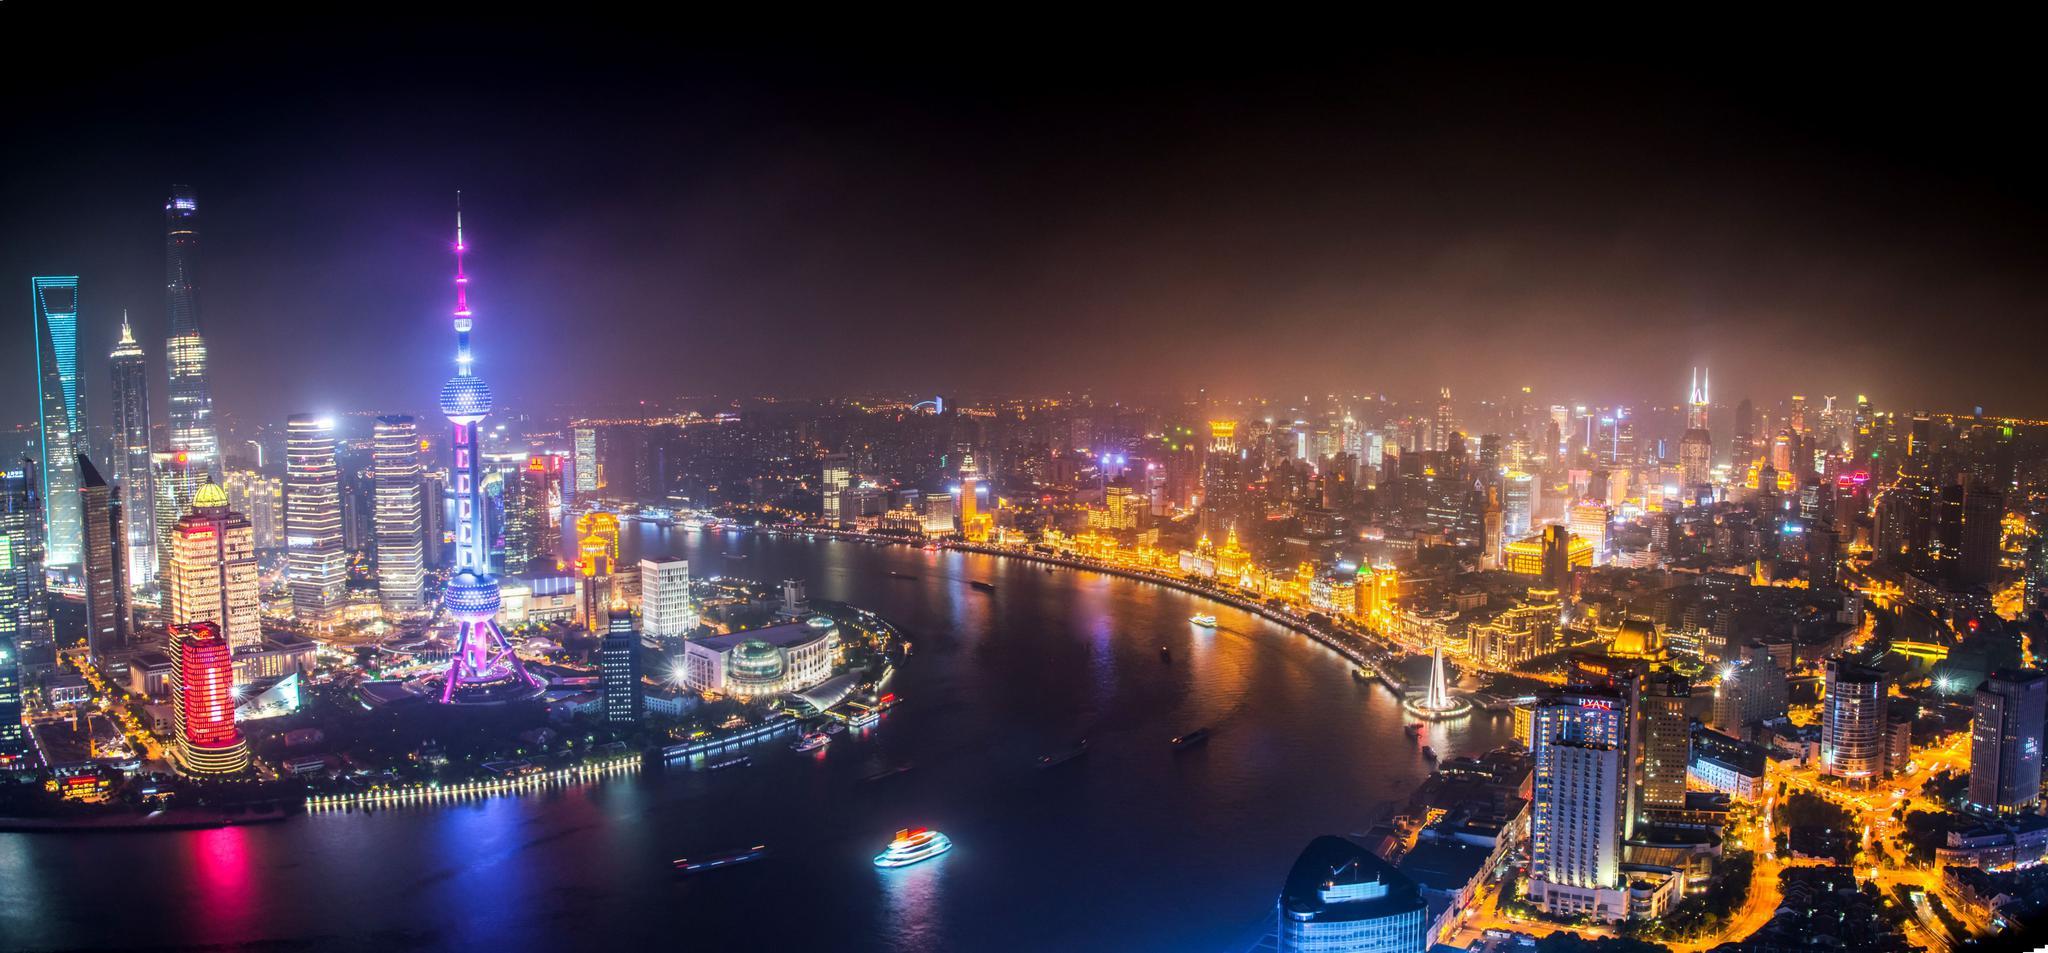 上海人看杭州:沪杭互补共赢才是比邻之道